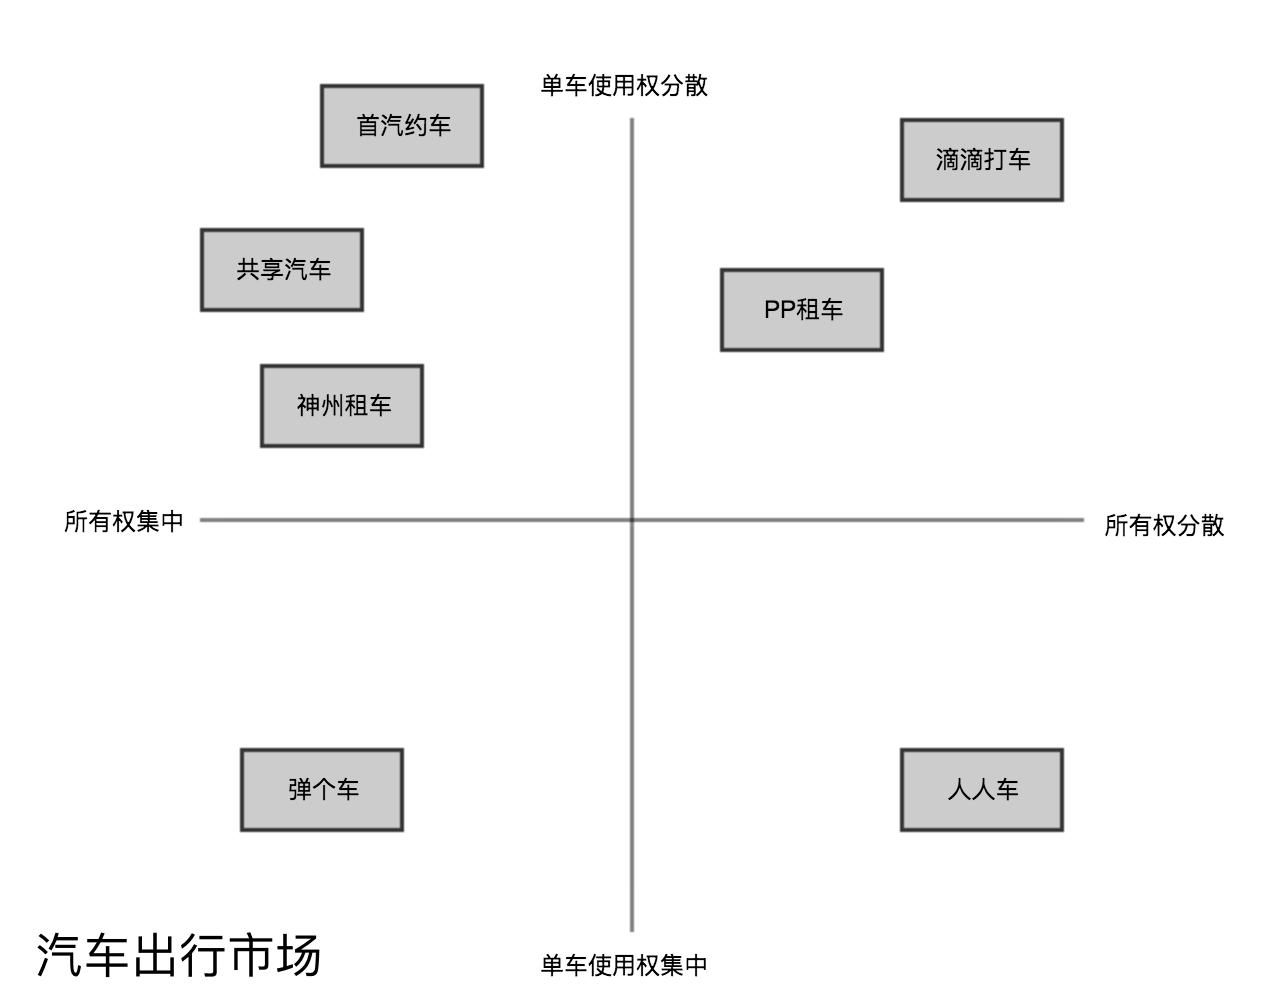 出行领域企业四象限图